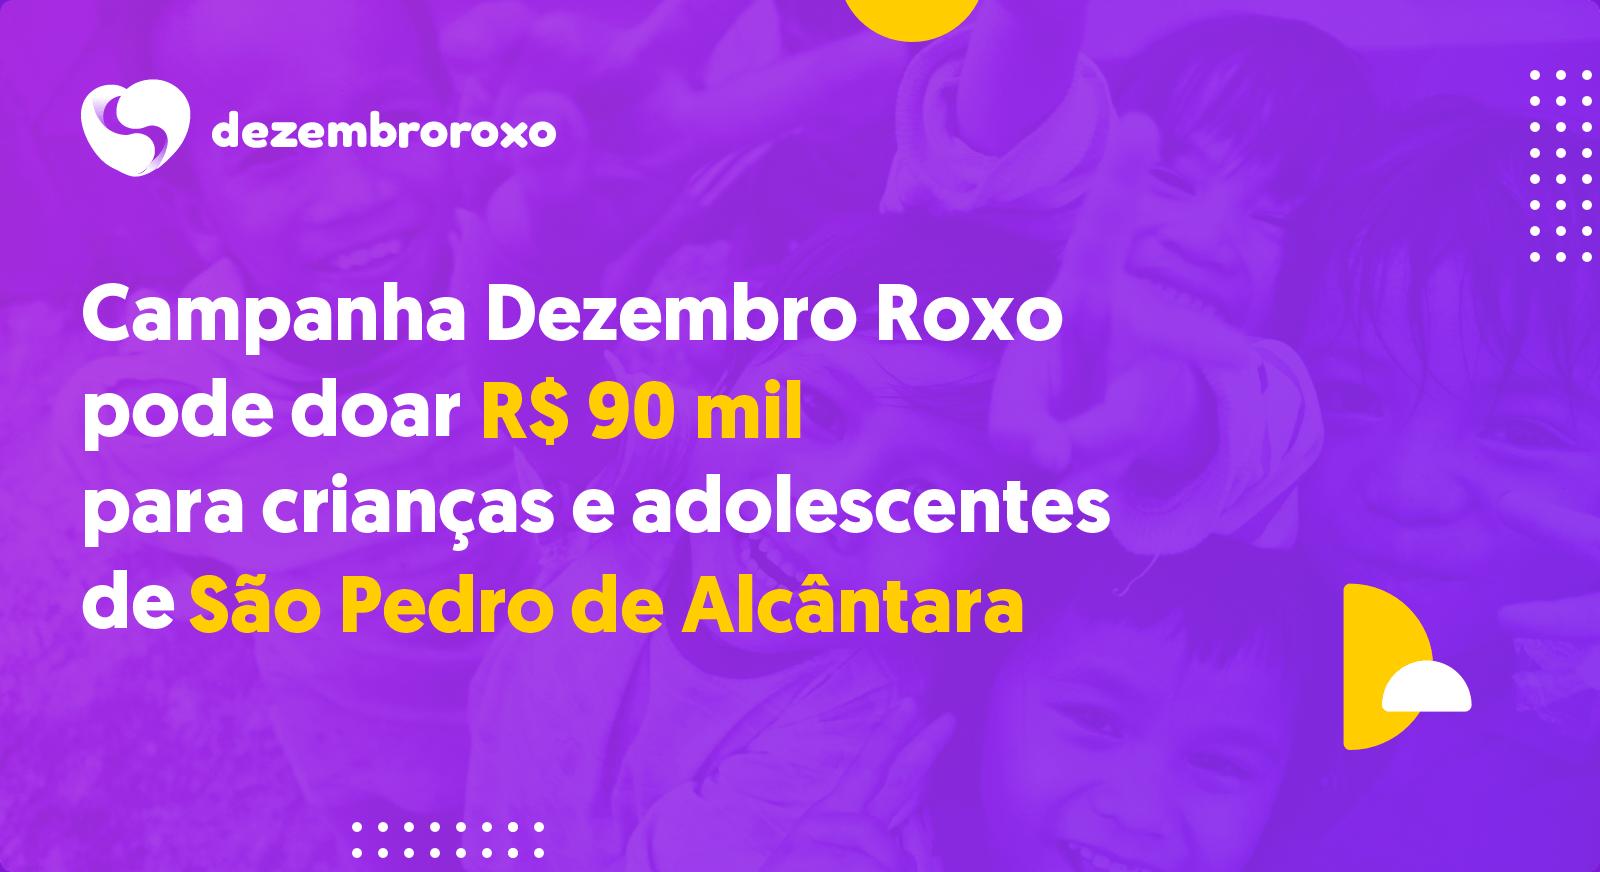 Doações em São Pedro de Alcântara - SC